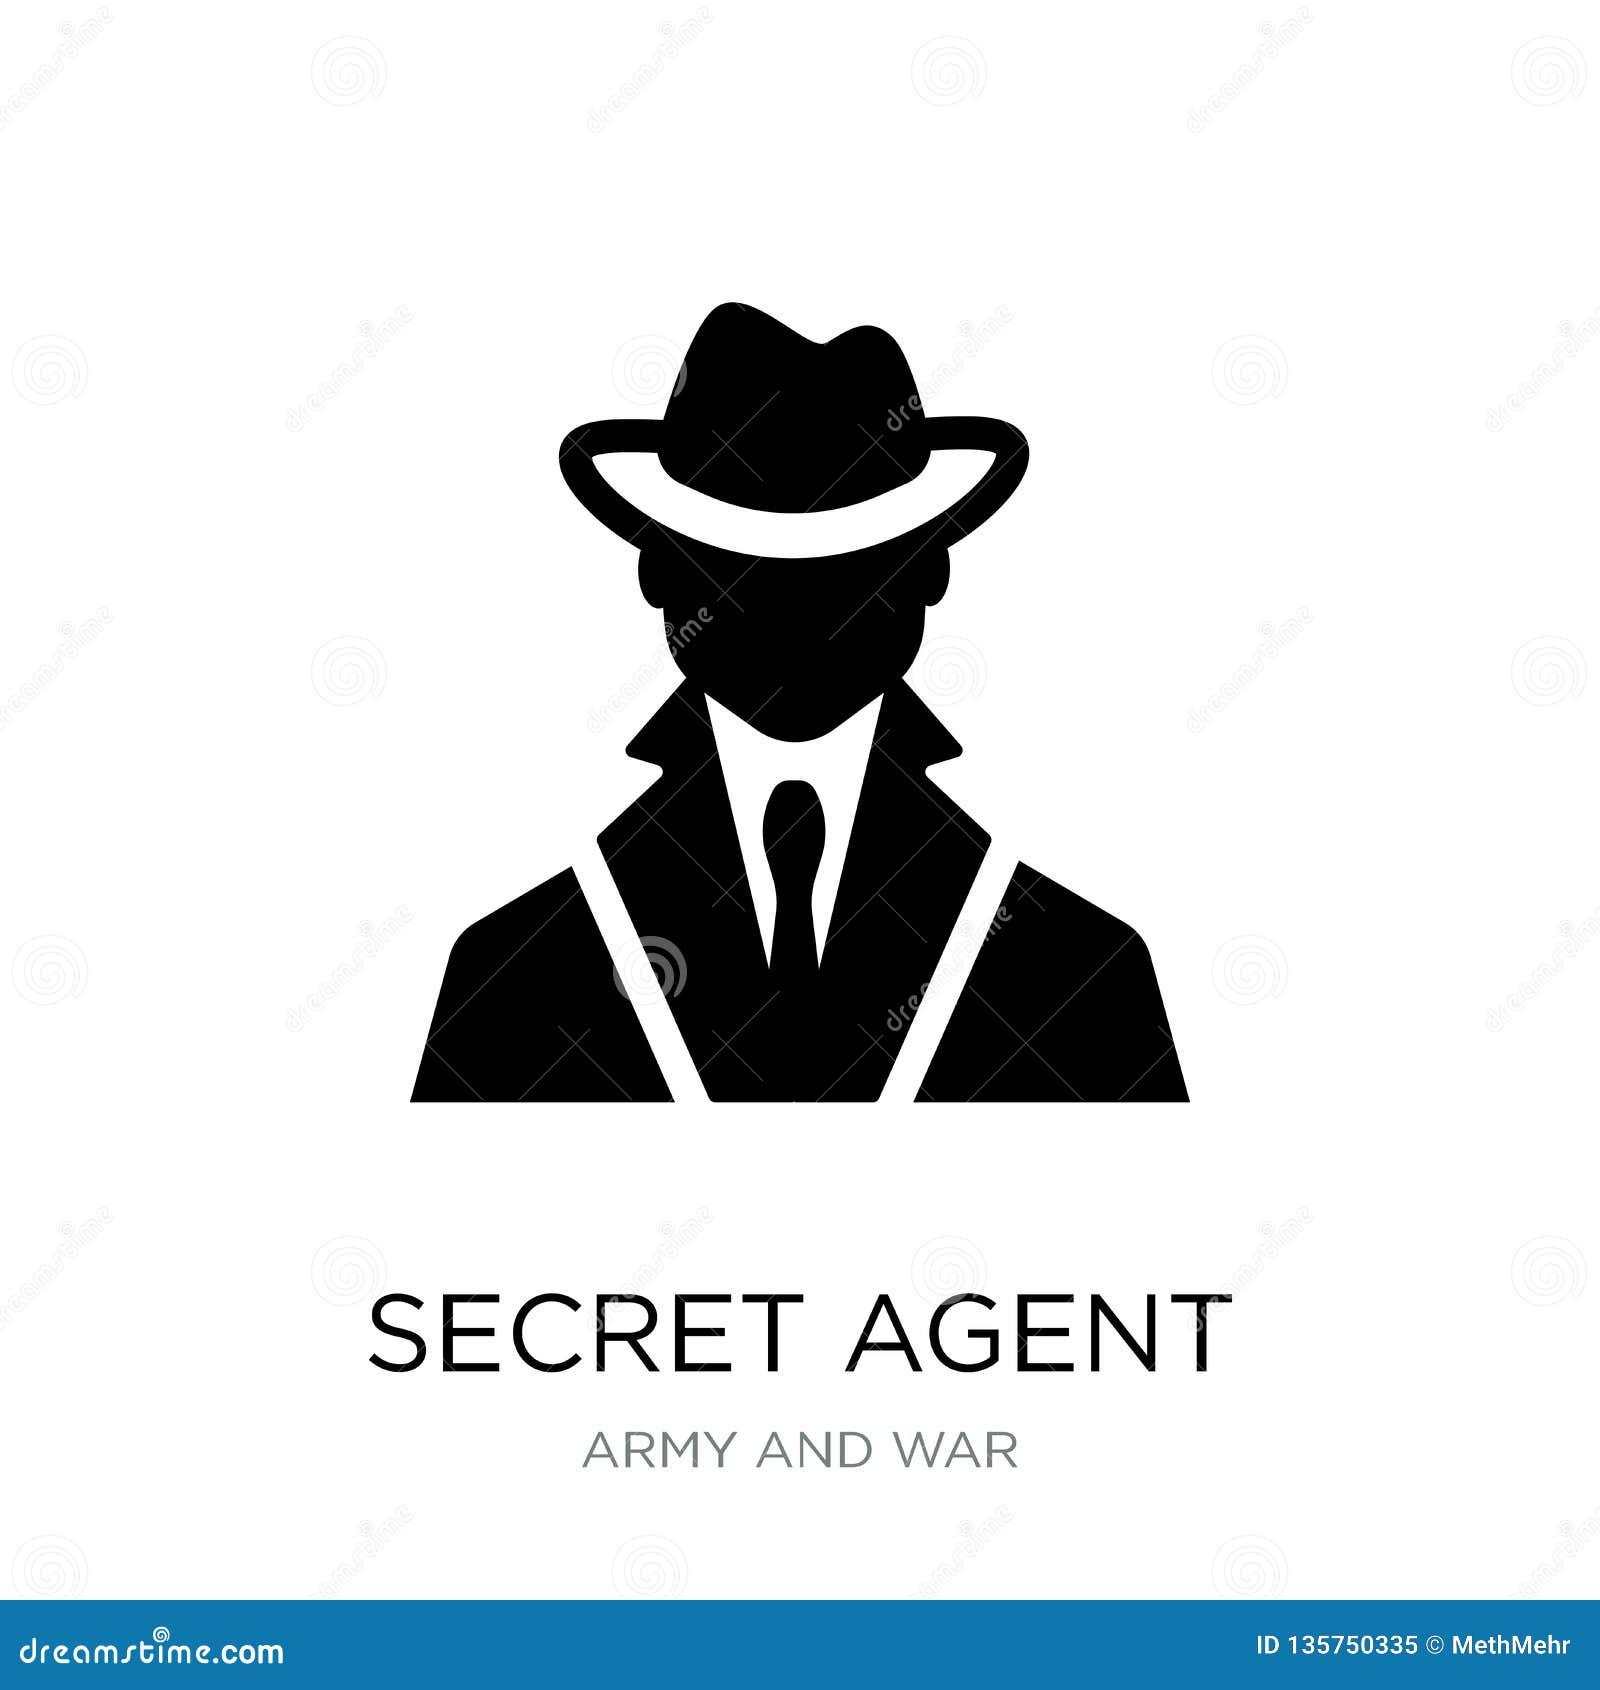 Tajny agent ikona w modnym projekta stylu tajny agent ikona odizolowywająca na białym tle tajny agent wektorowa ikona prosta i